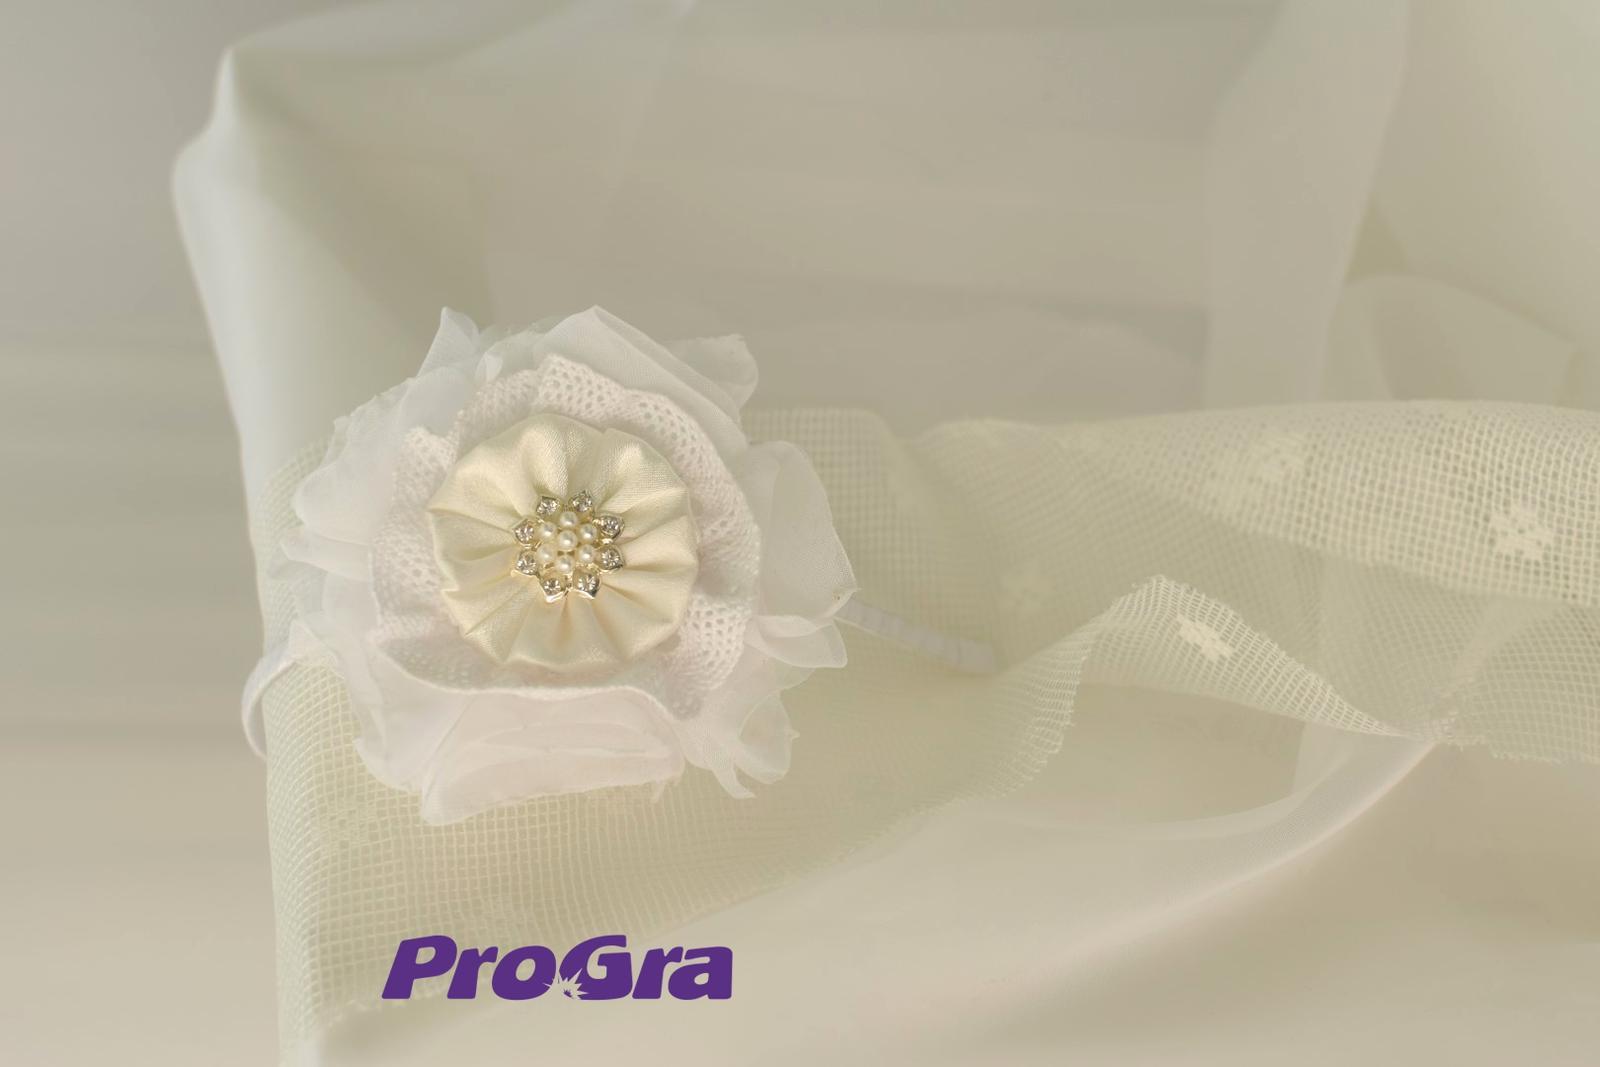 Detaily pre Váš svadobný deň - Snehulienka - svadobná čelenka ručne robená už v našej ponuke